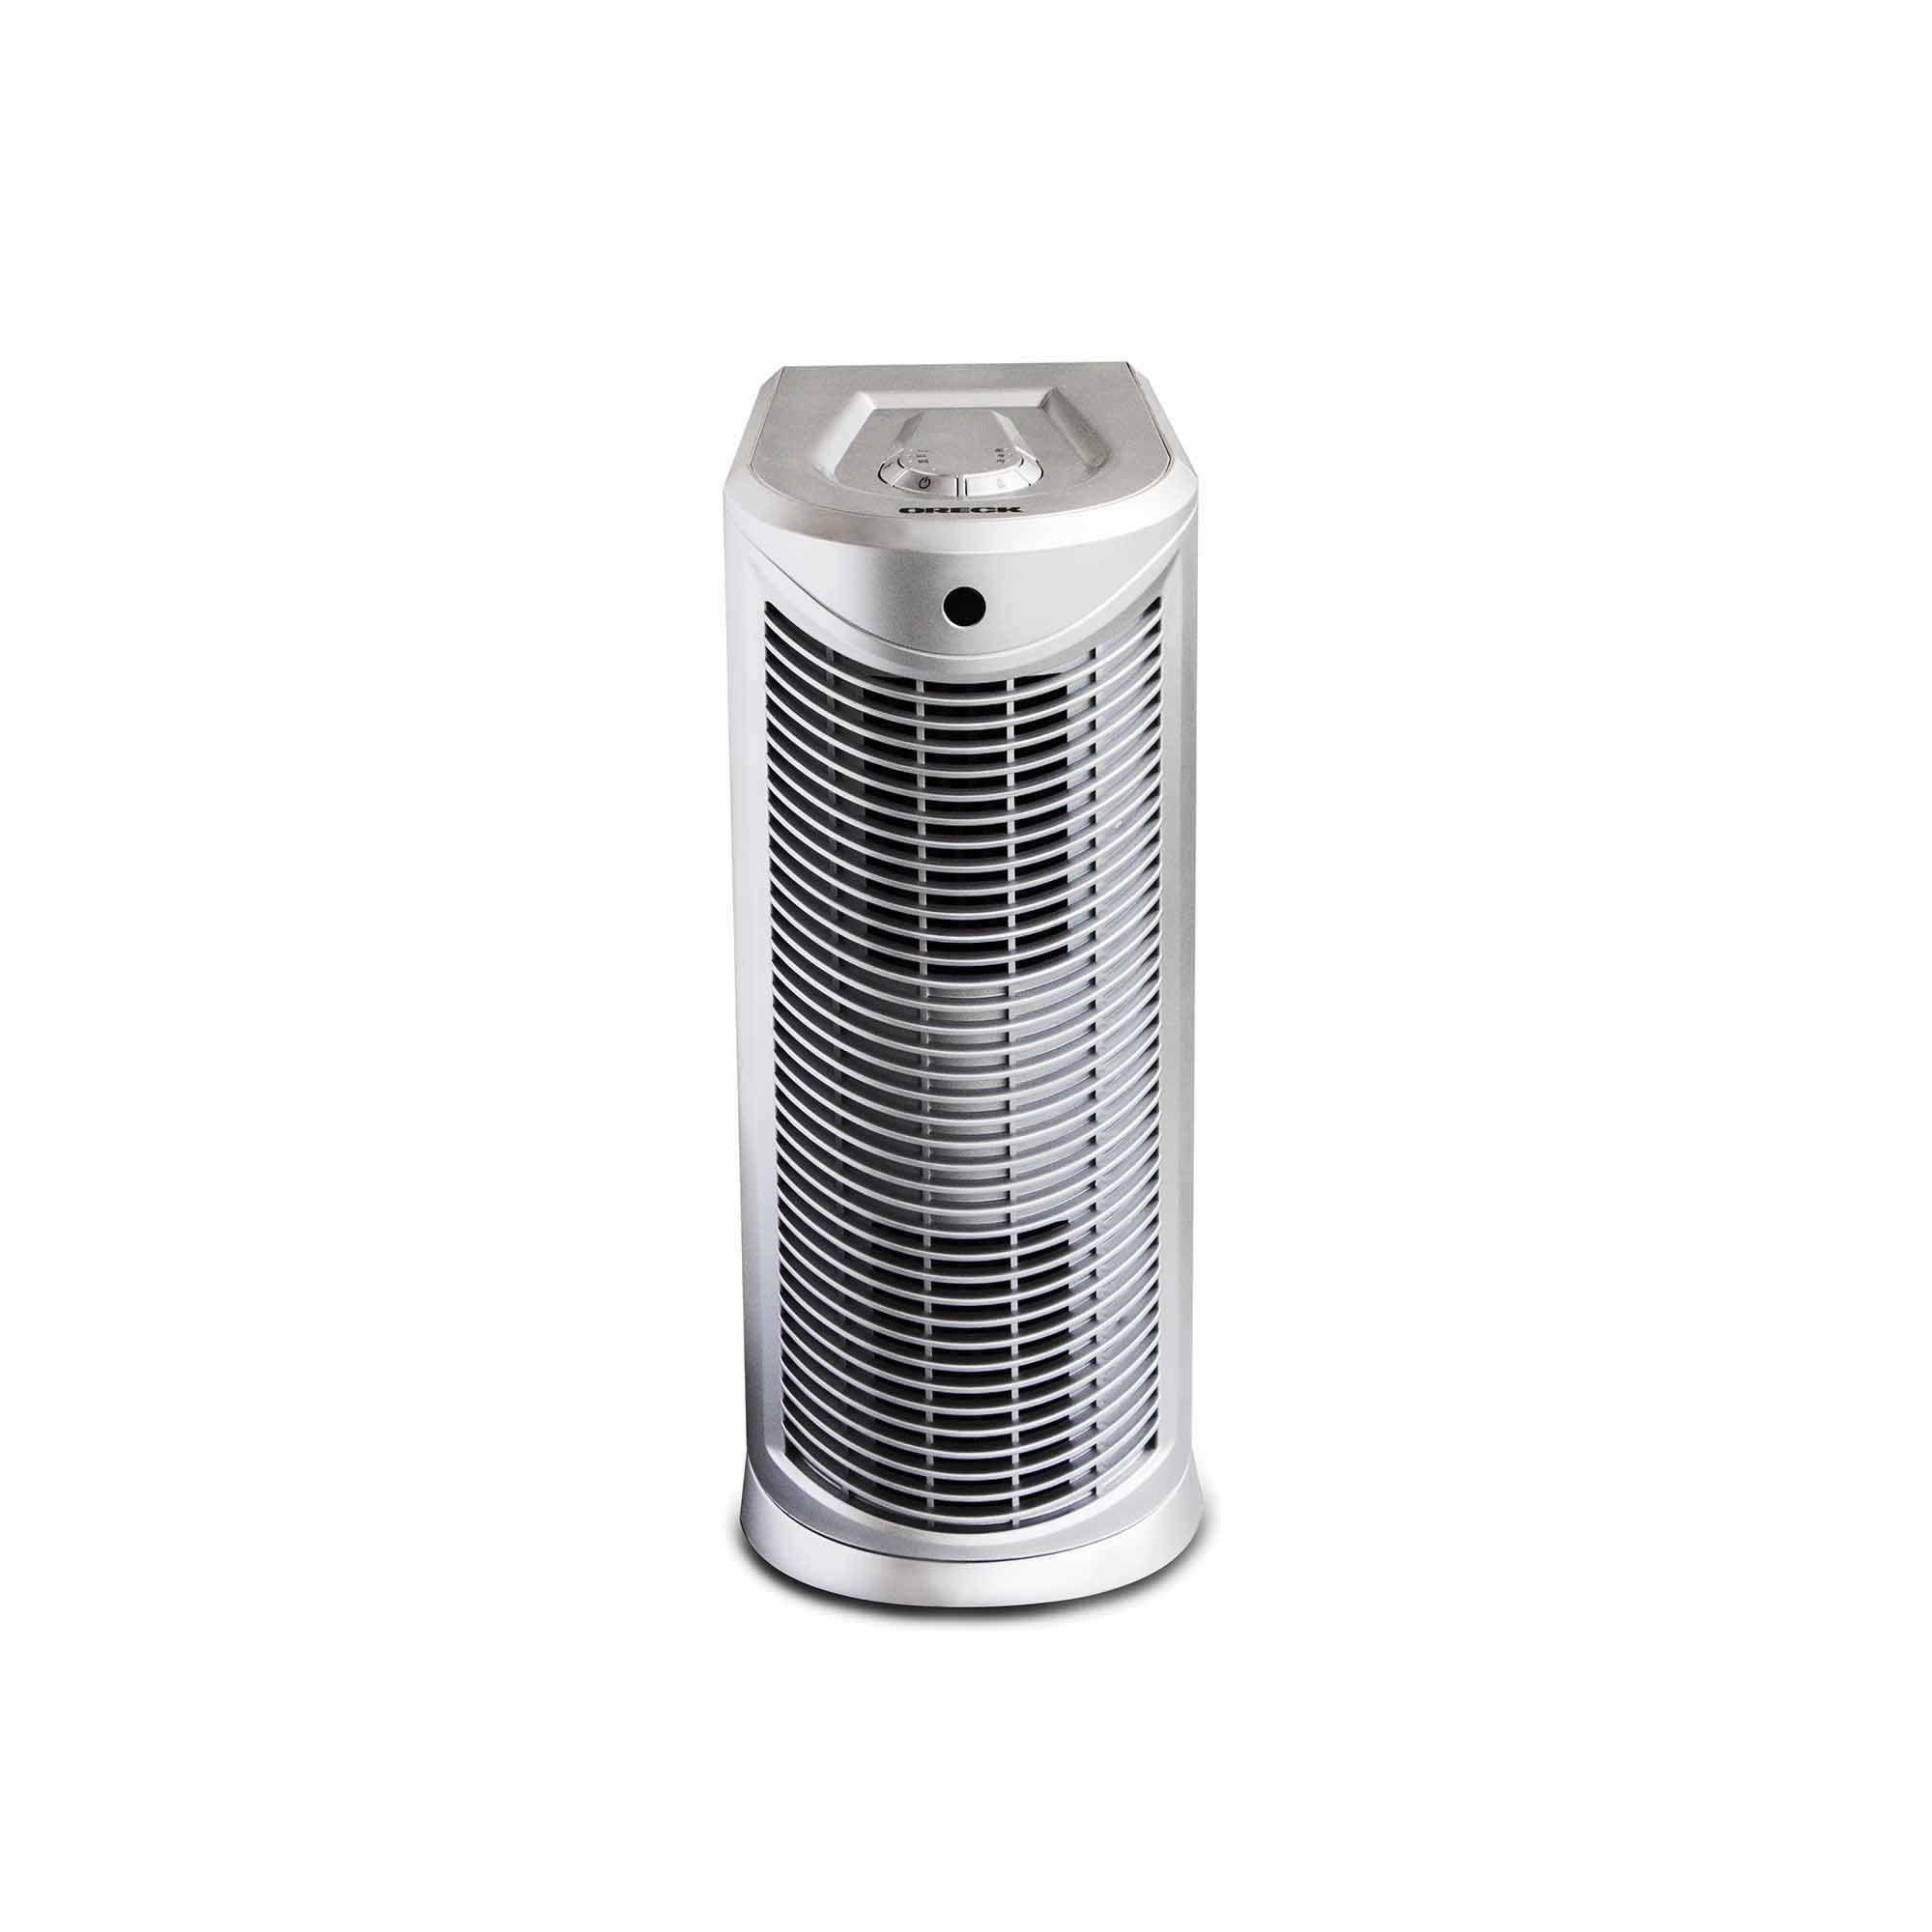 Oreck Air Purifier Parts 260